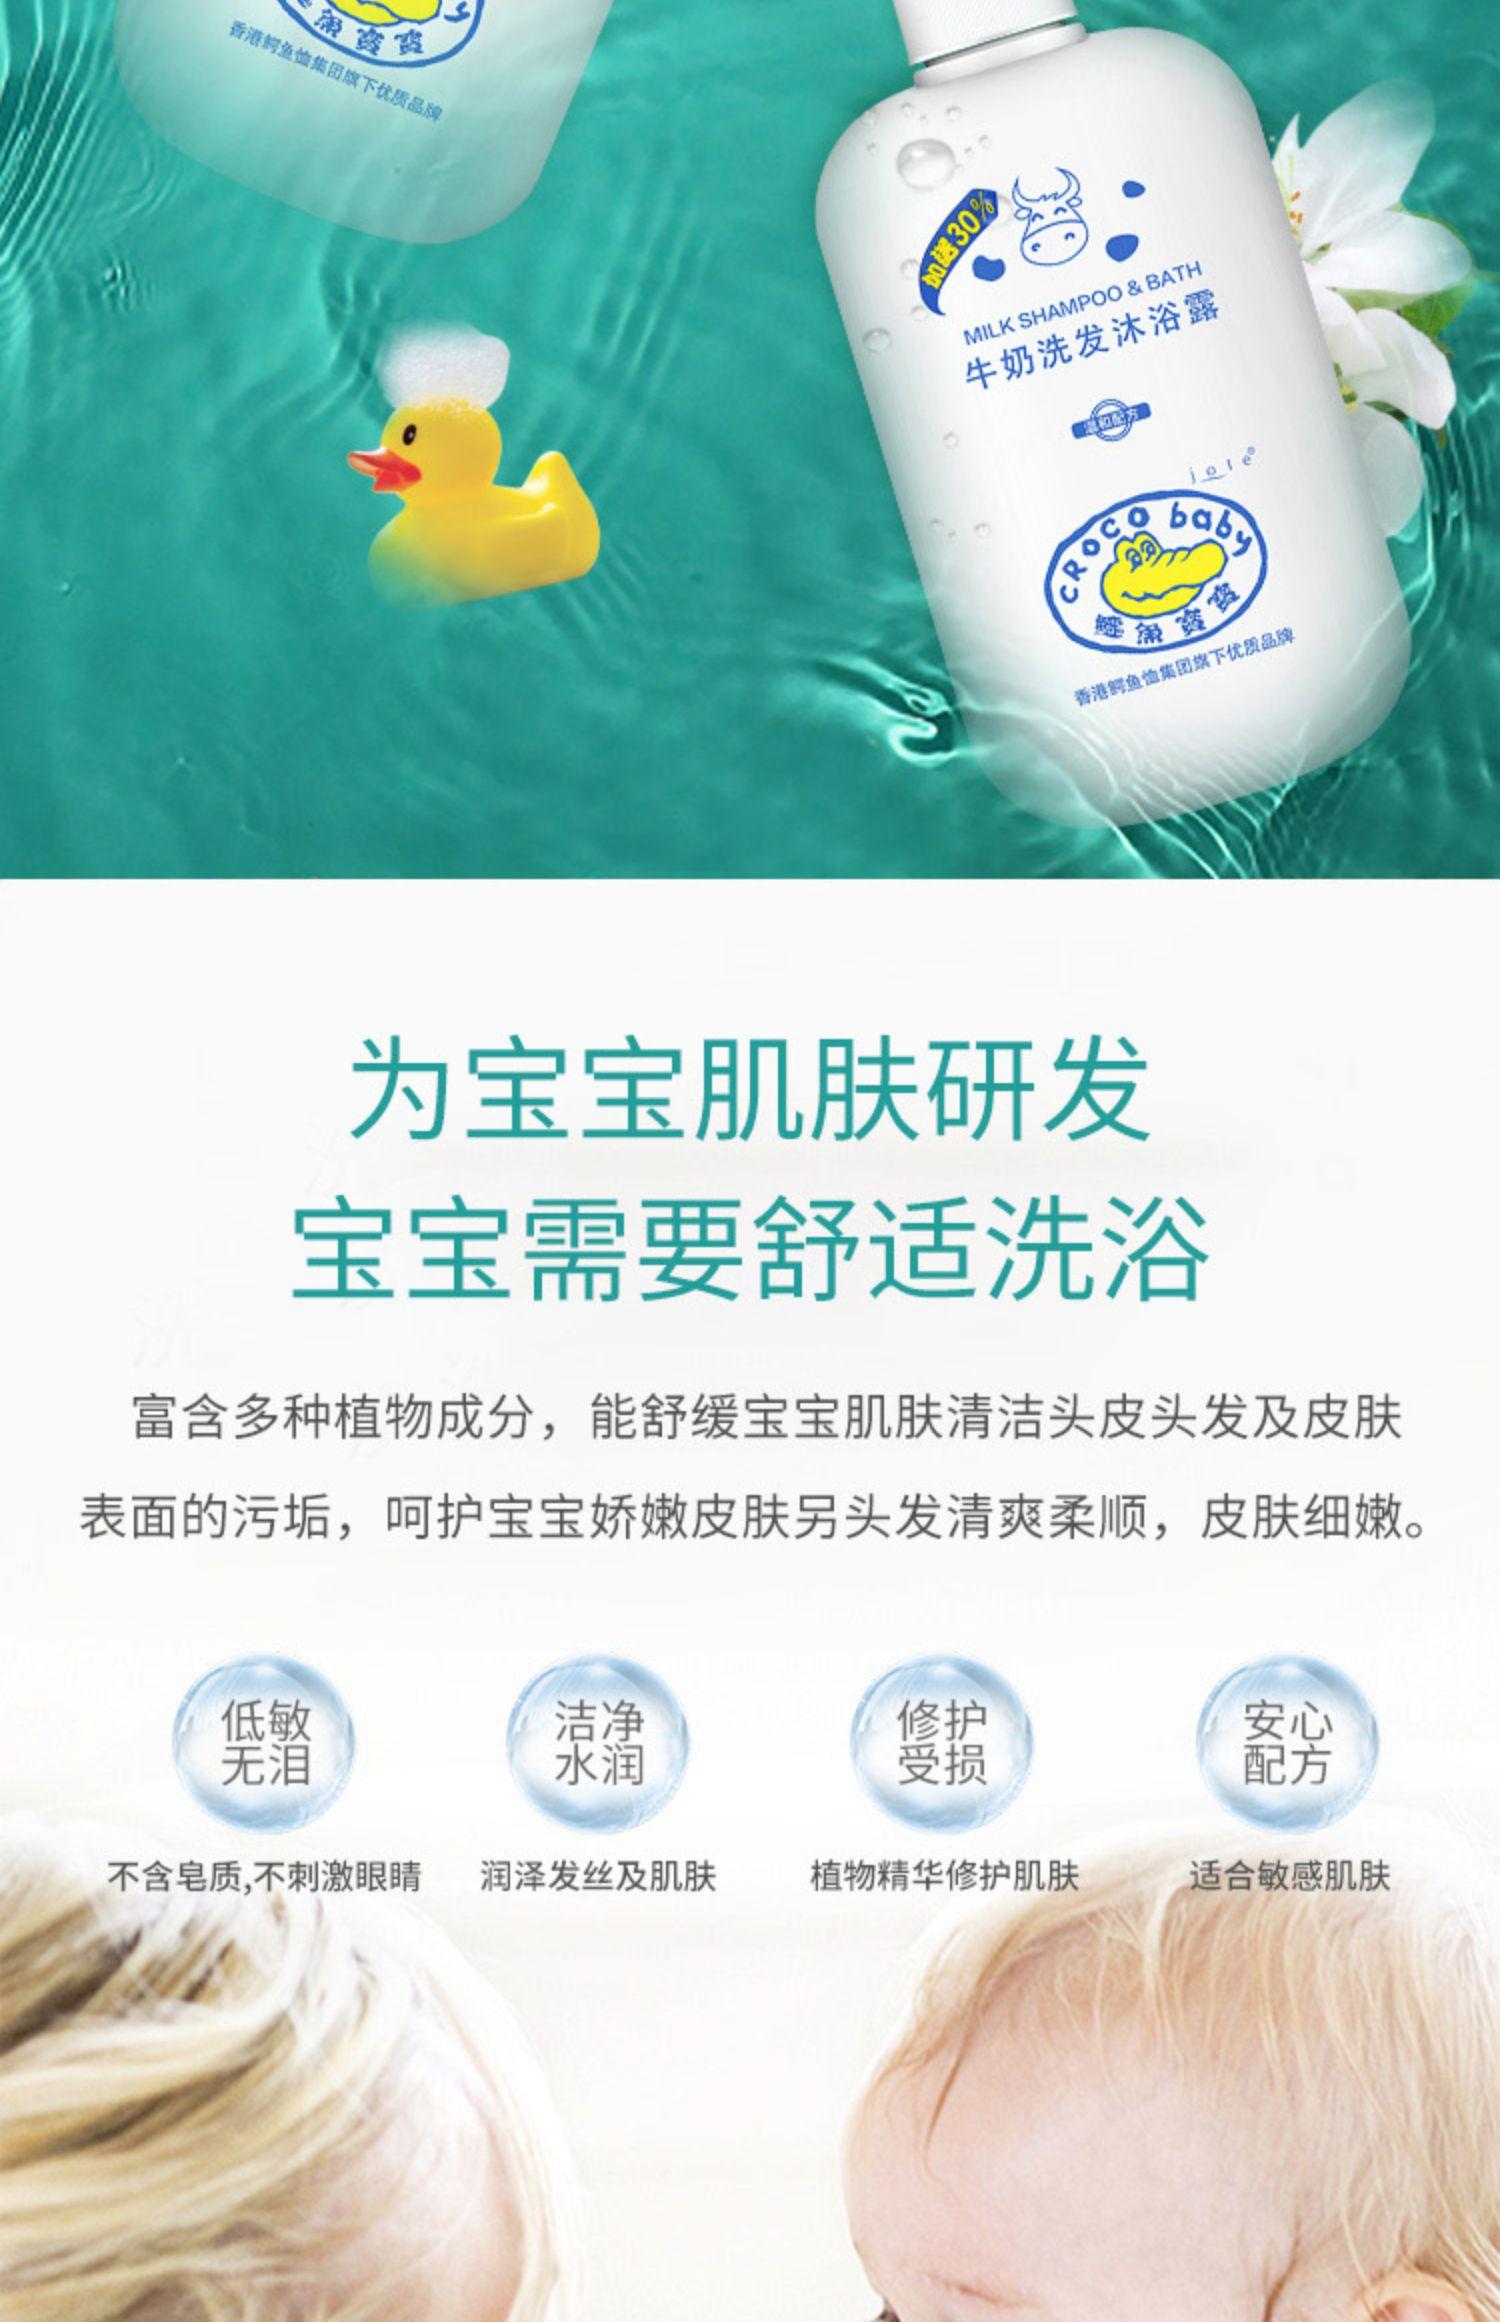 鳄鱼宝宝牛奶沐浴露洗发水正品洗护